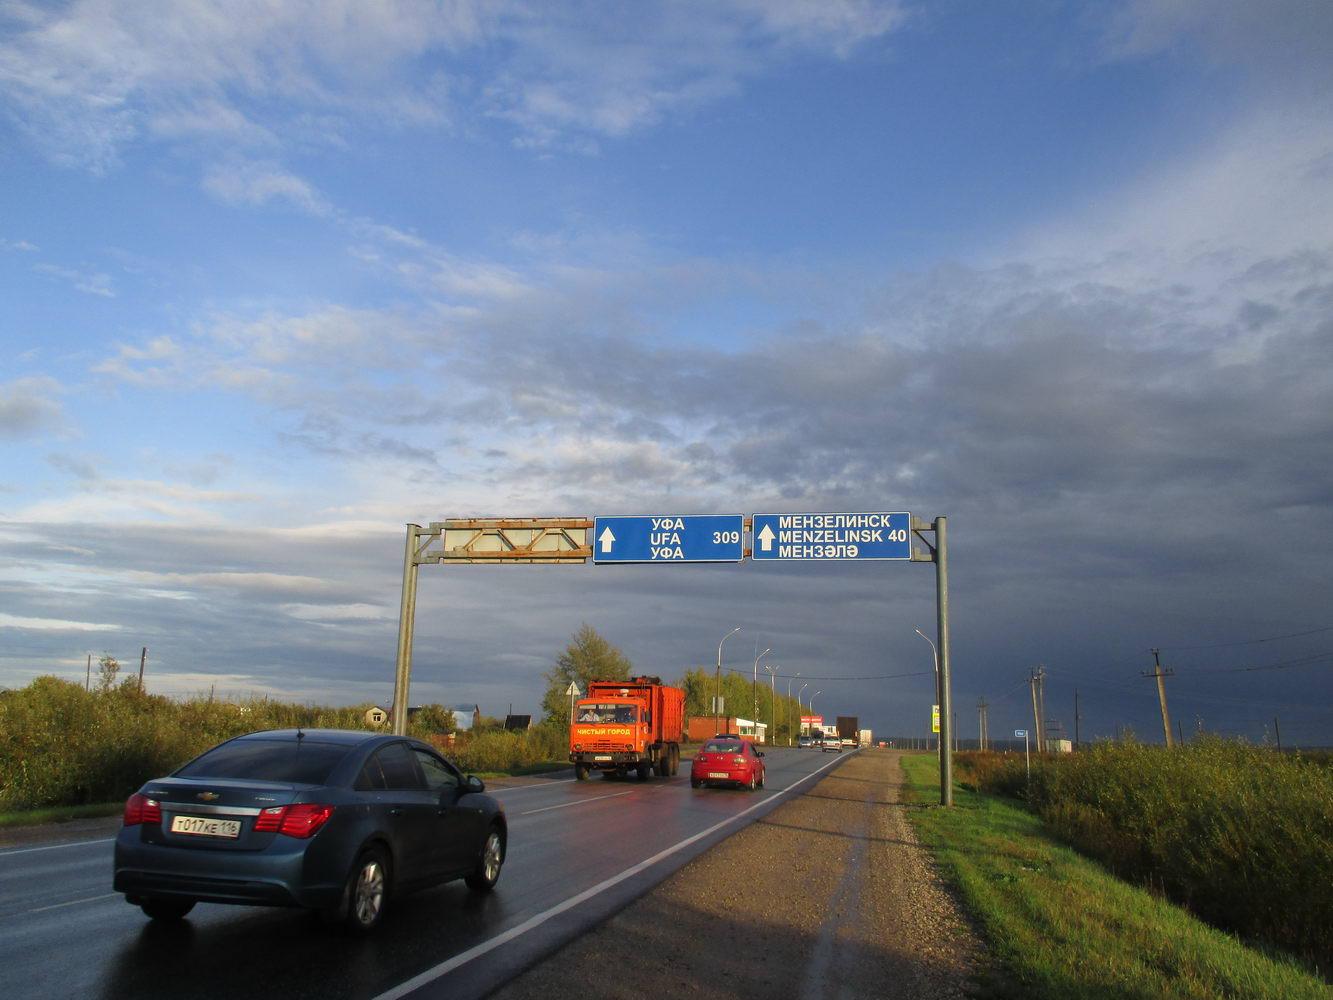 автостоп в татарстане. дорожный знак уфа мензелинск